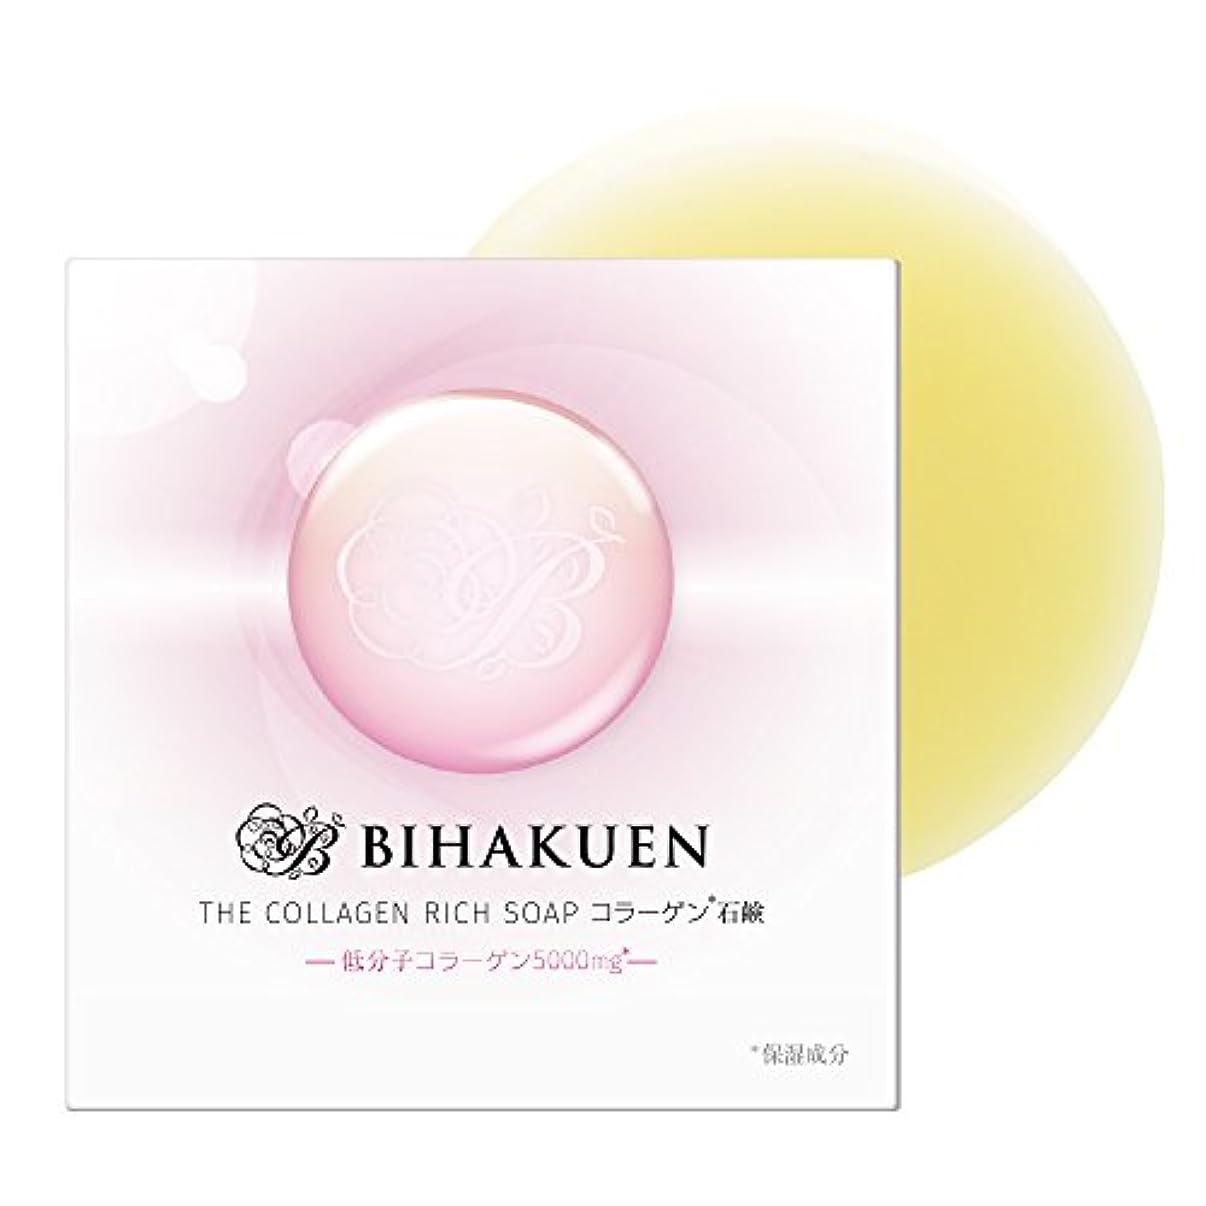 パイプライン眉枯渇する(BIHAKUEN)コラーゲン石鹸100g (1個)